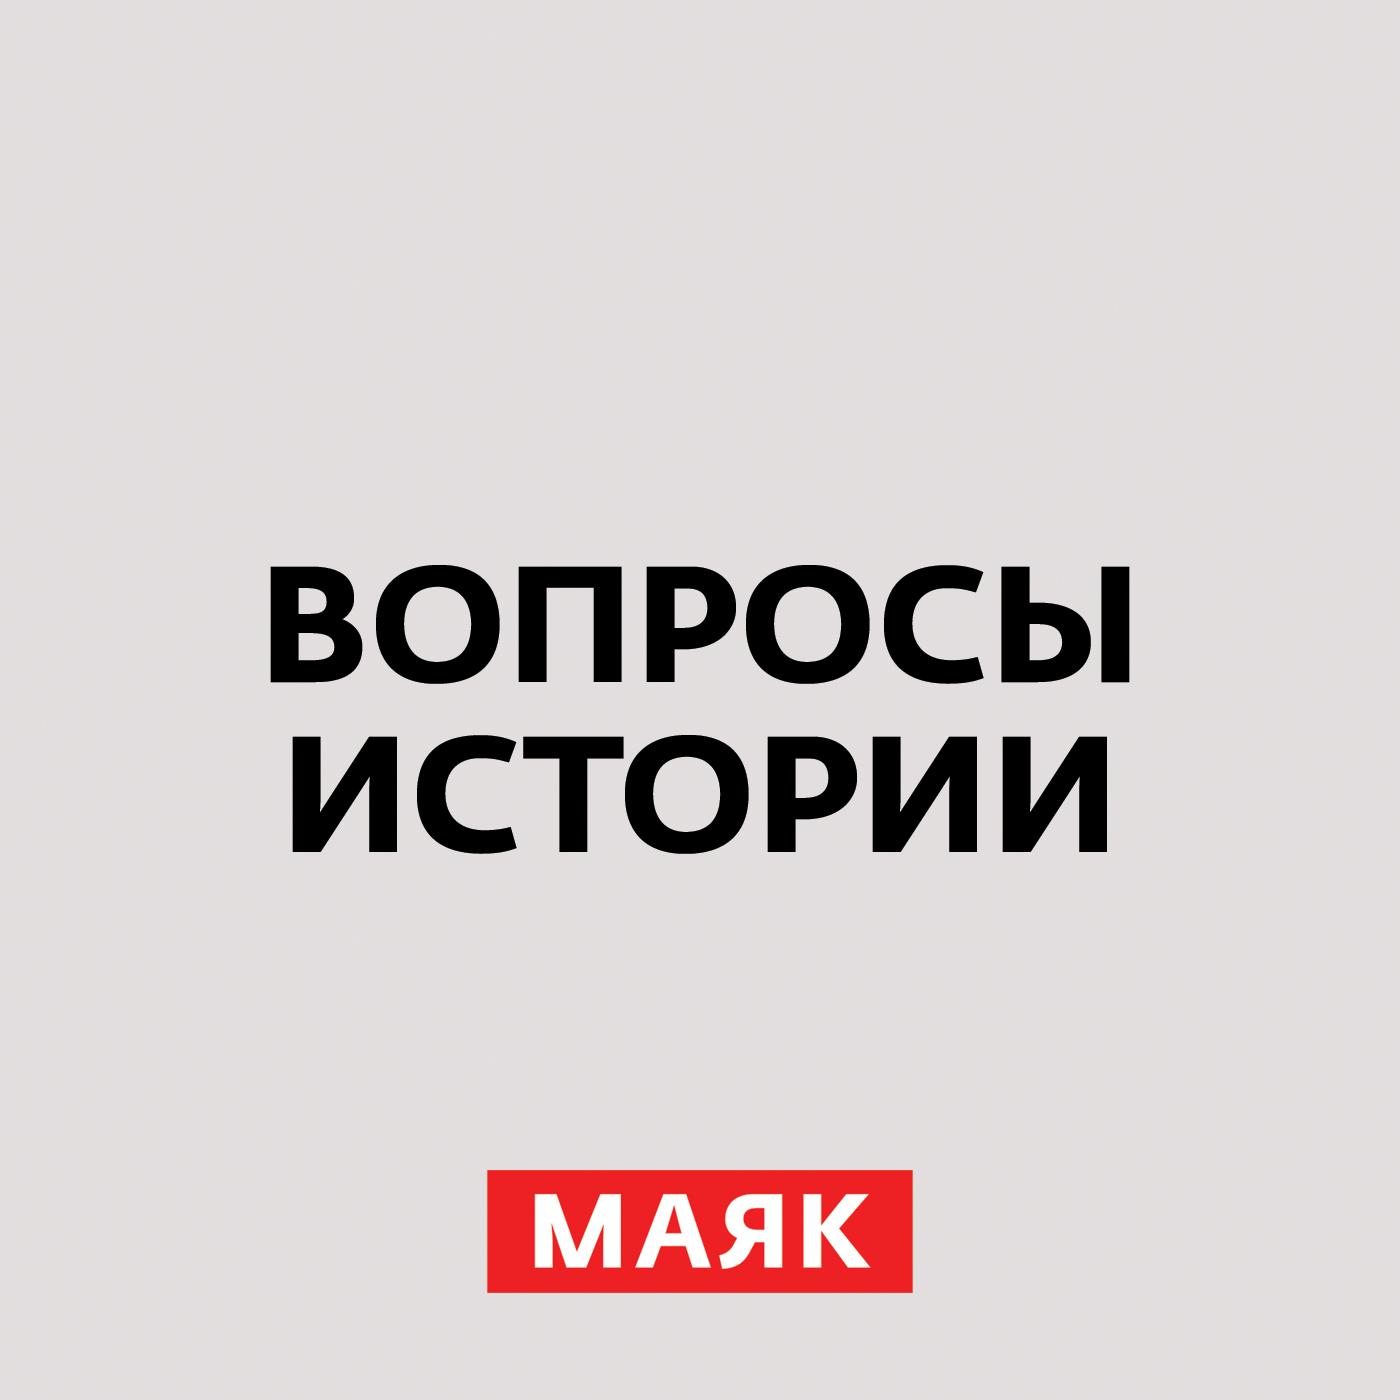 Андрей Светенко Не говори гоп, пока не перепрыгнешь. О Восточно-Прусской операции